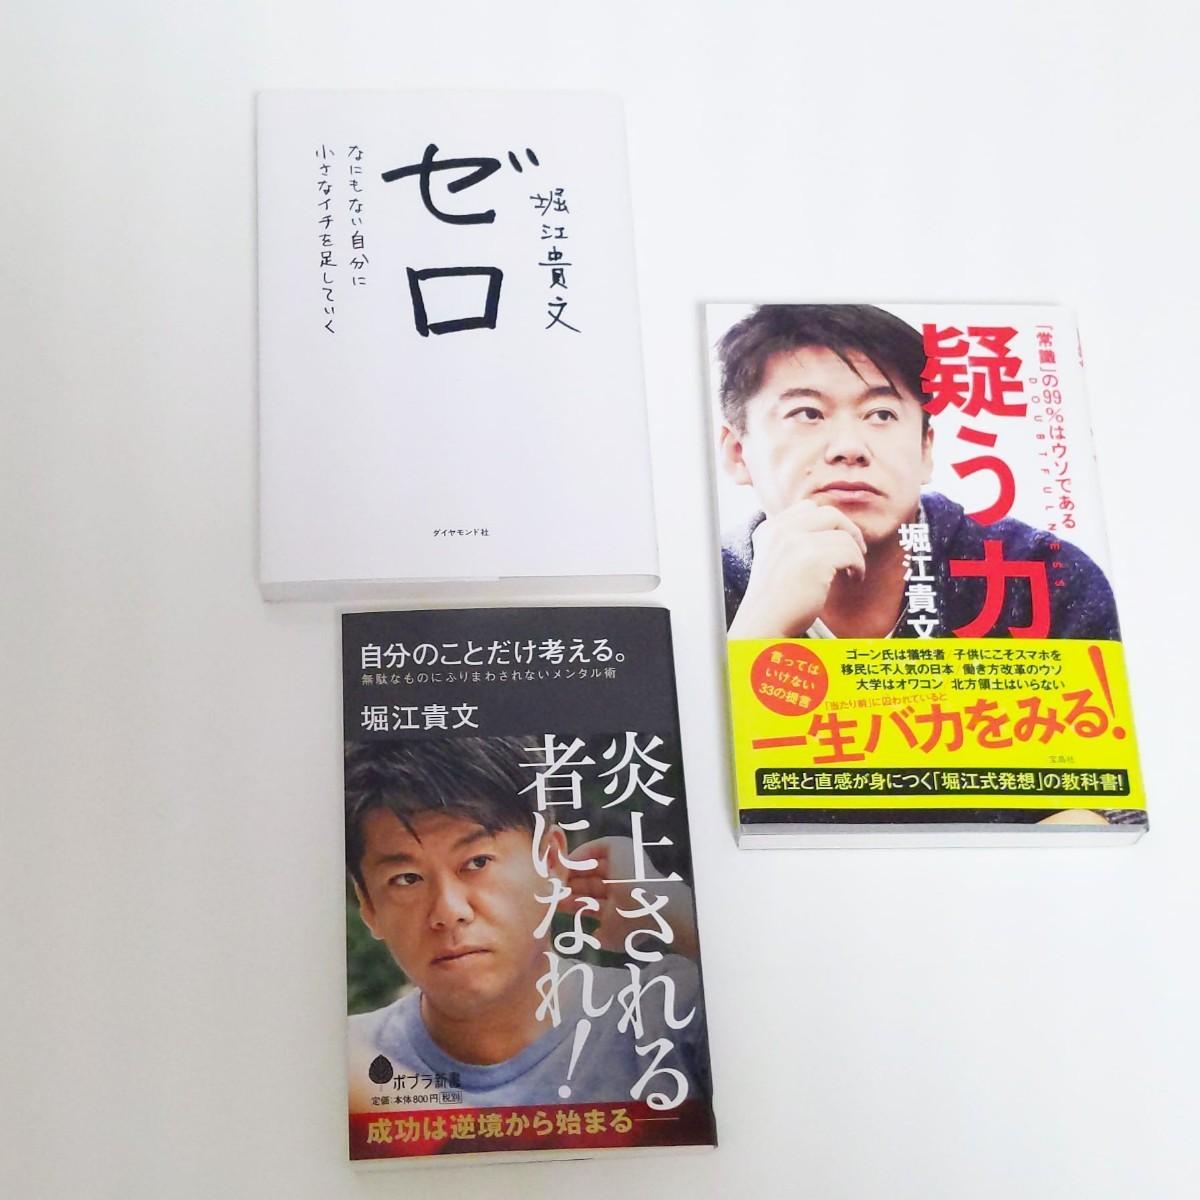 堀江貴文 ホリエモン ゼロ 疑う力 炎上される者になれ! 3点セット!